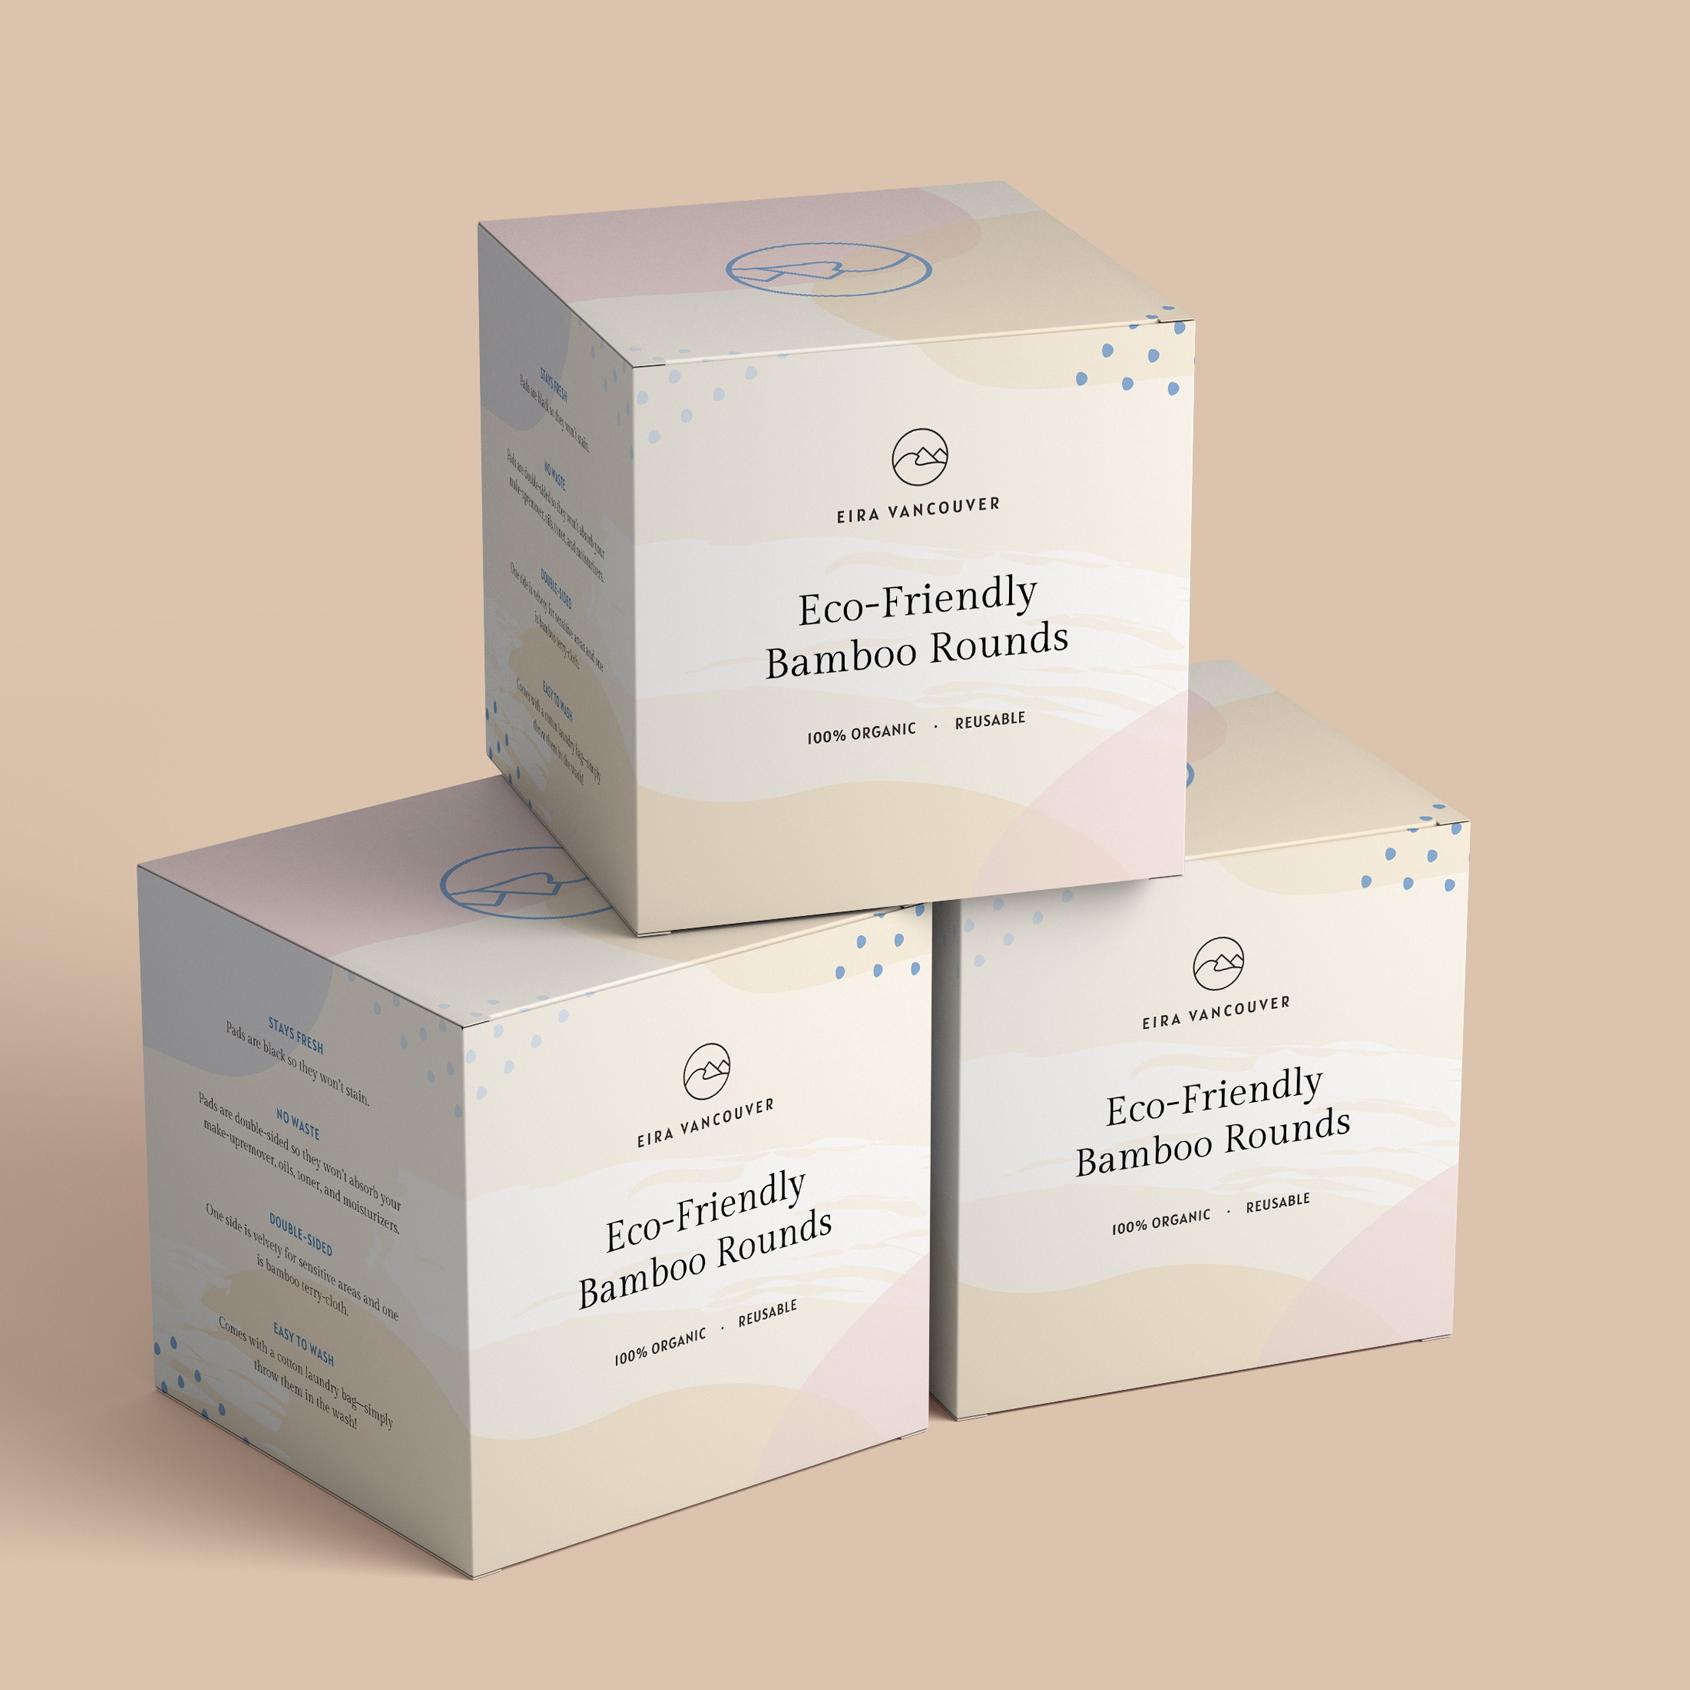 a packaging design mockup